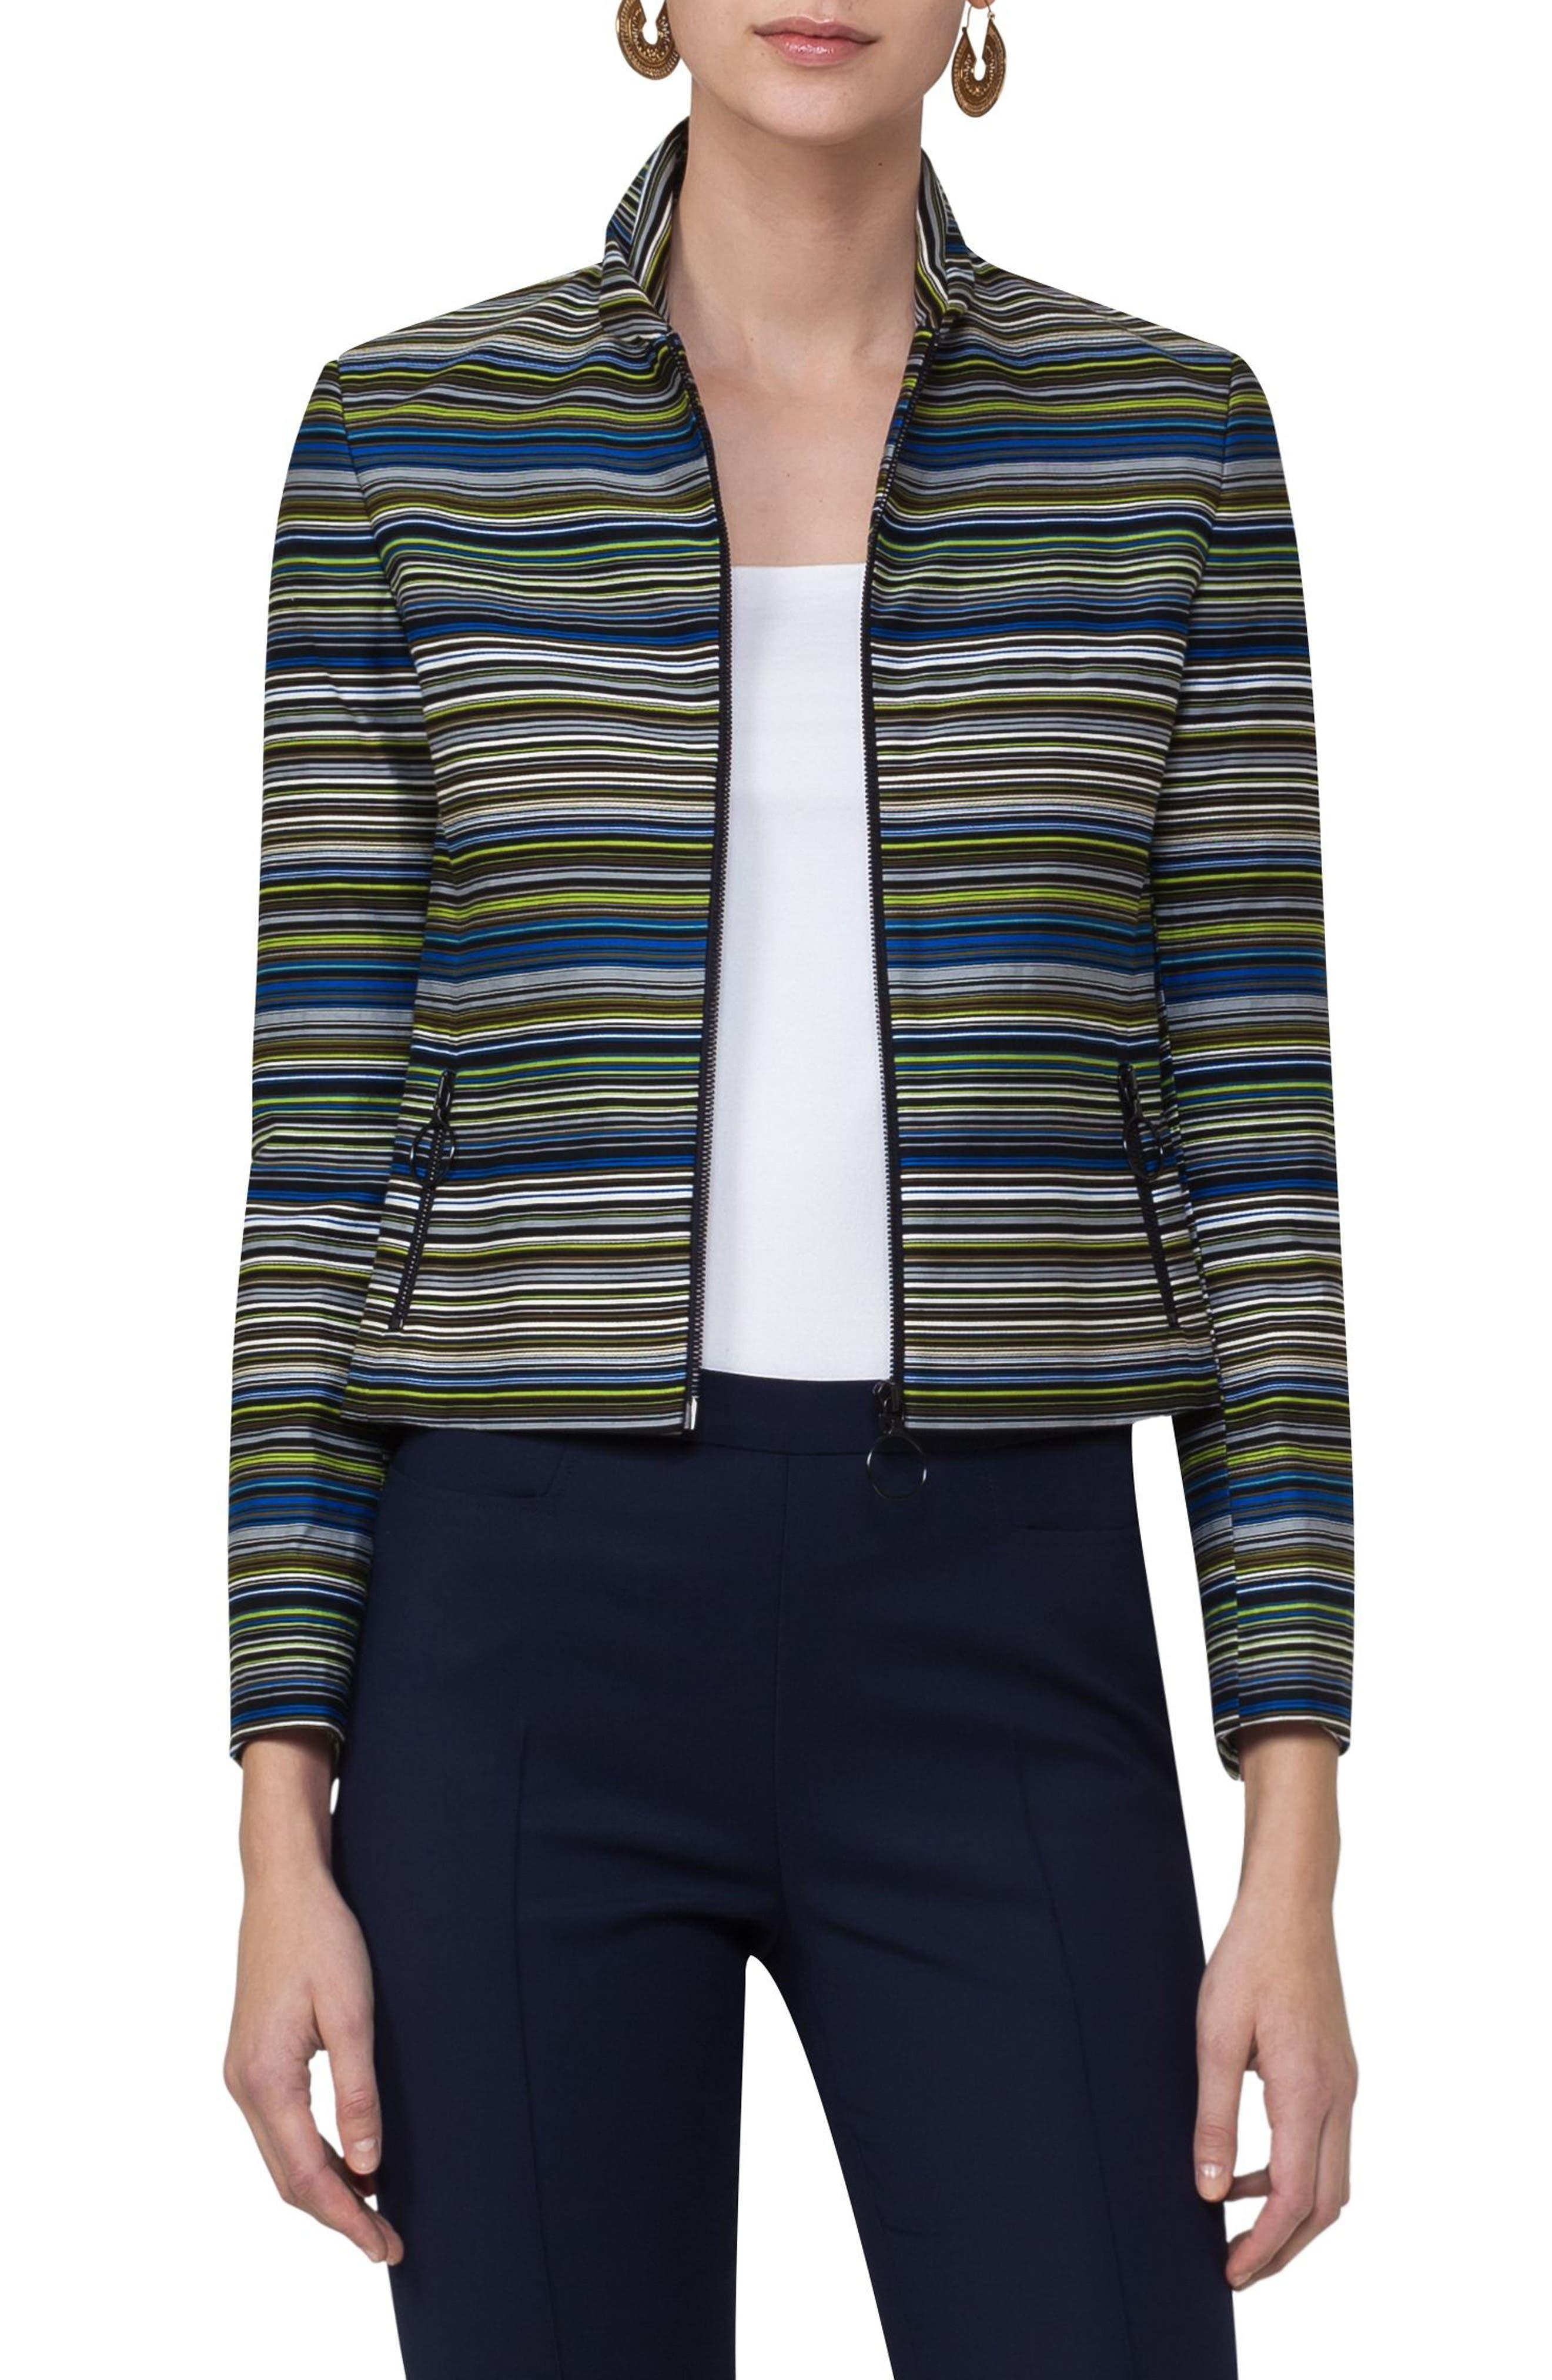 Paracas Stripe Crop Jacket,                             Main thumbnail 1, color,                             300